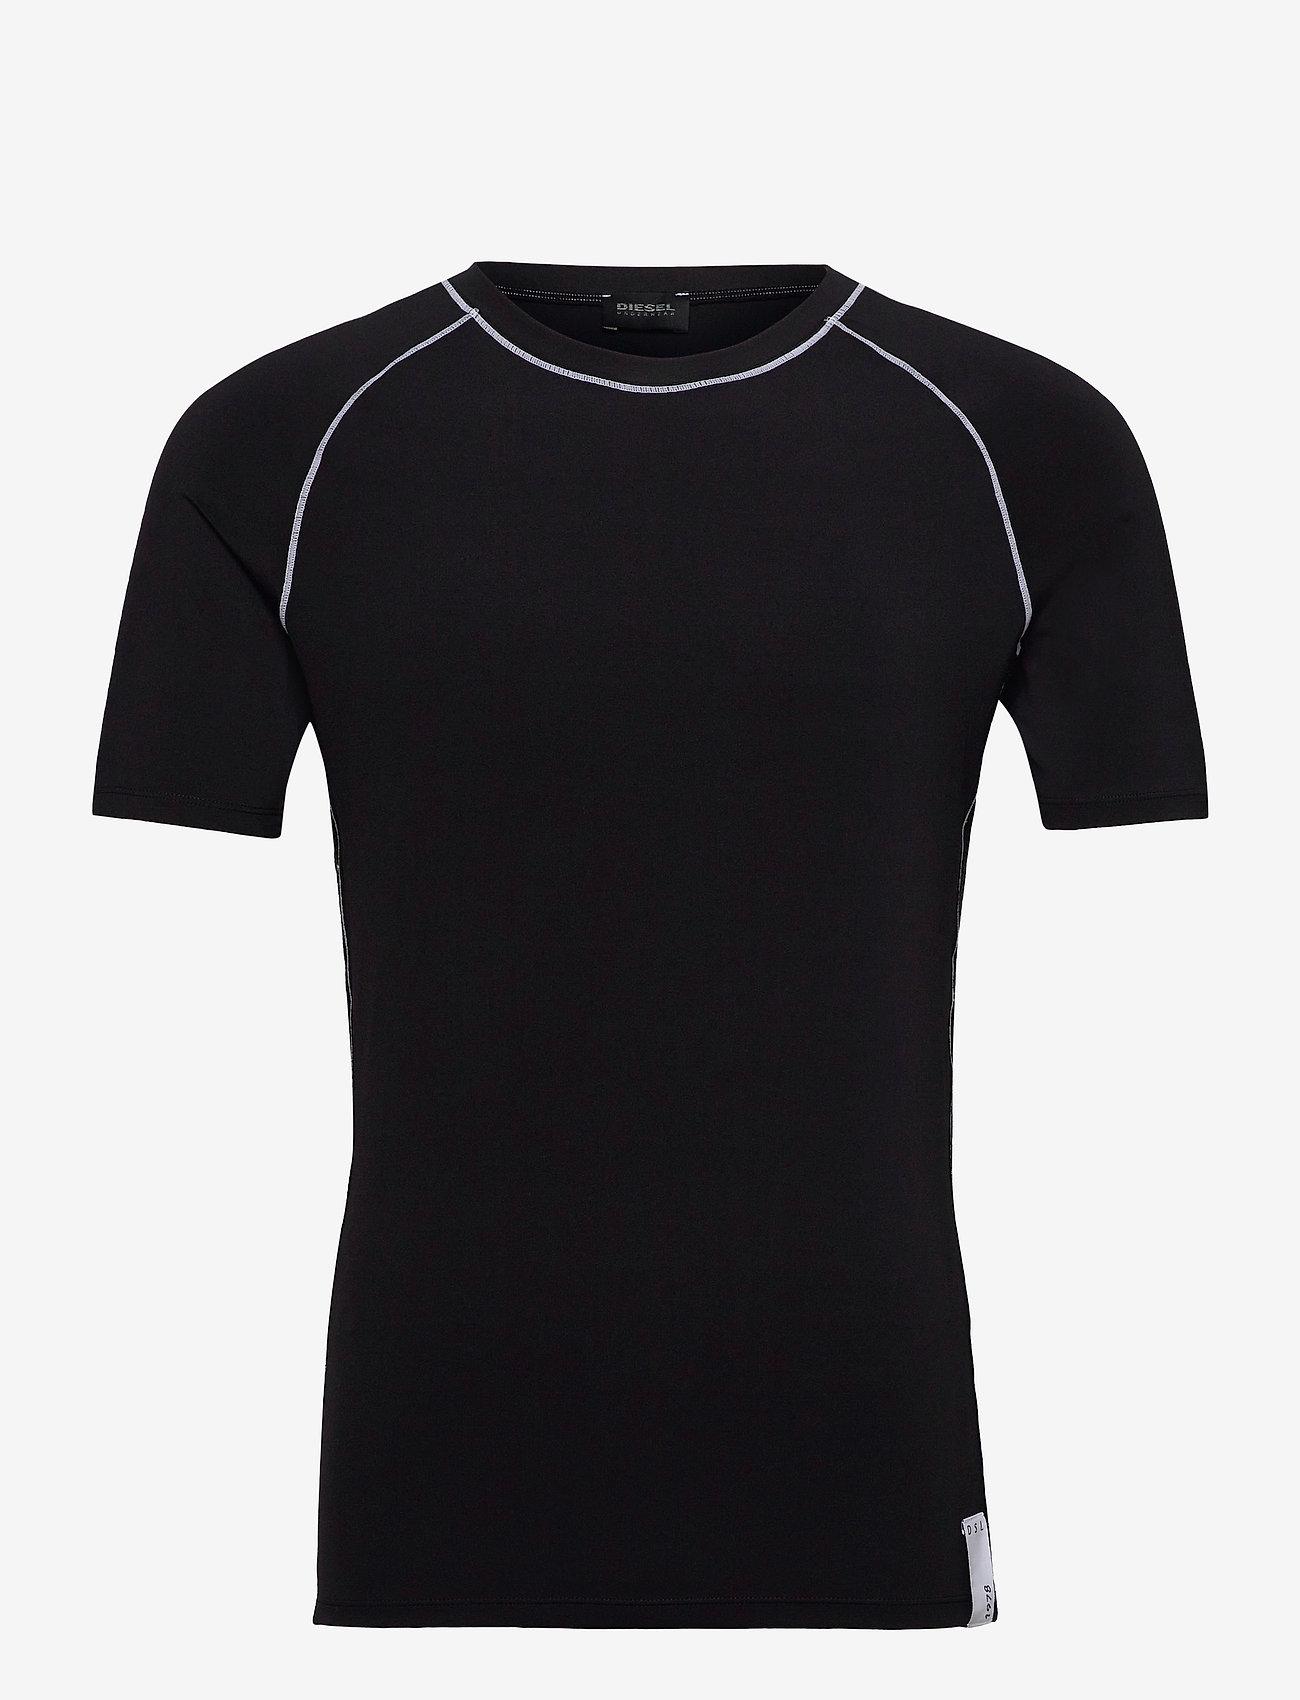 Diesel Men - UMTEE-YOSHI T-SHIRT - basic t-shirts - black - 0